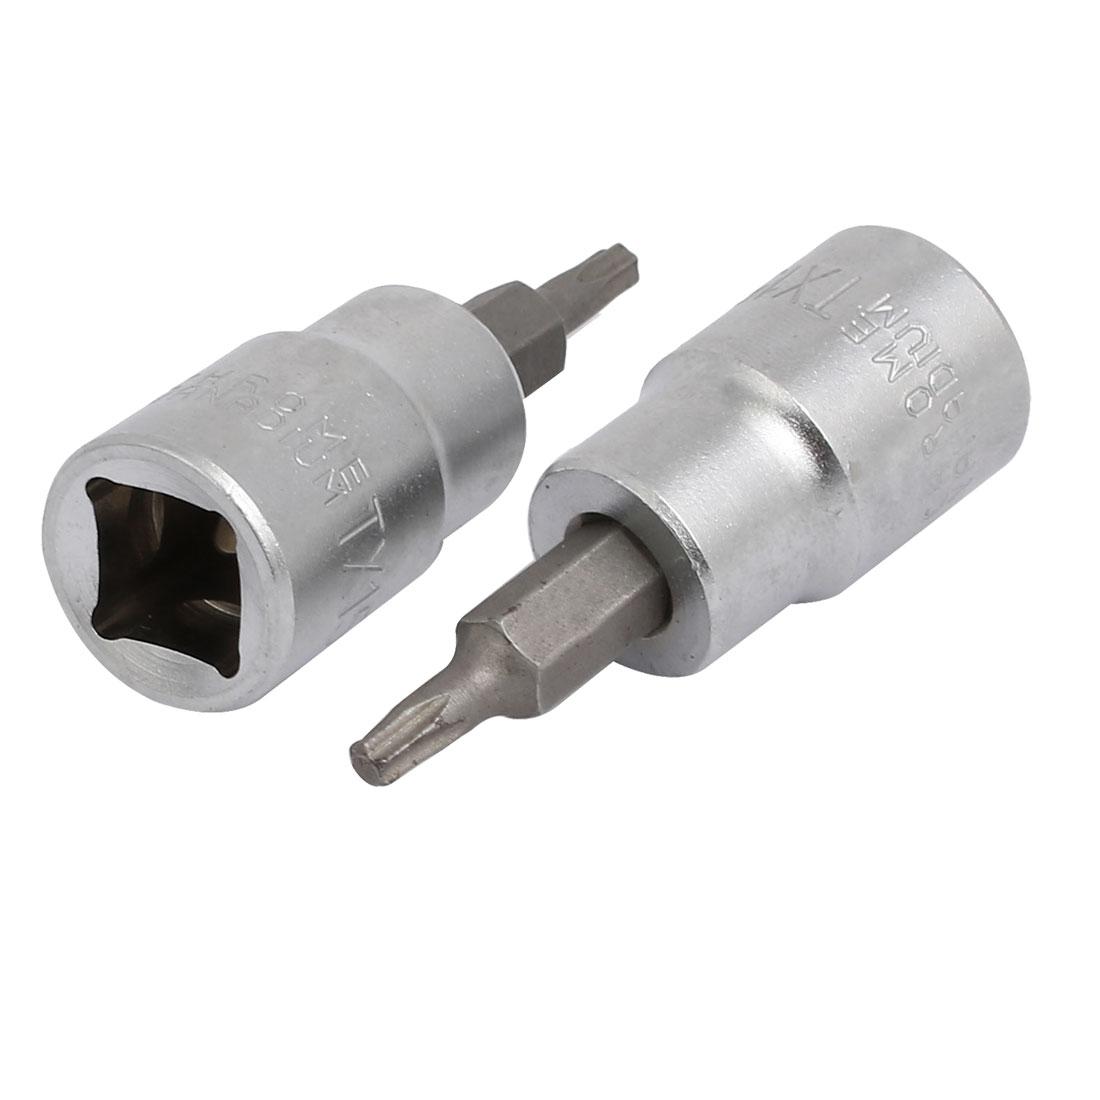 TX15 Torx Head 3/8-inch Square Chrome Vanadium Steel Drive Socket Adapter 2pcs